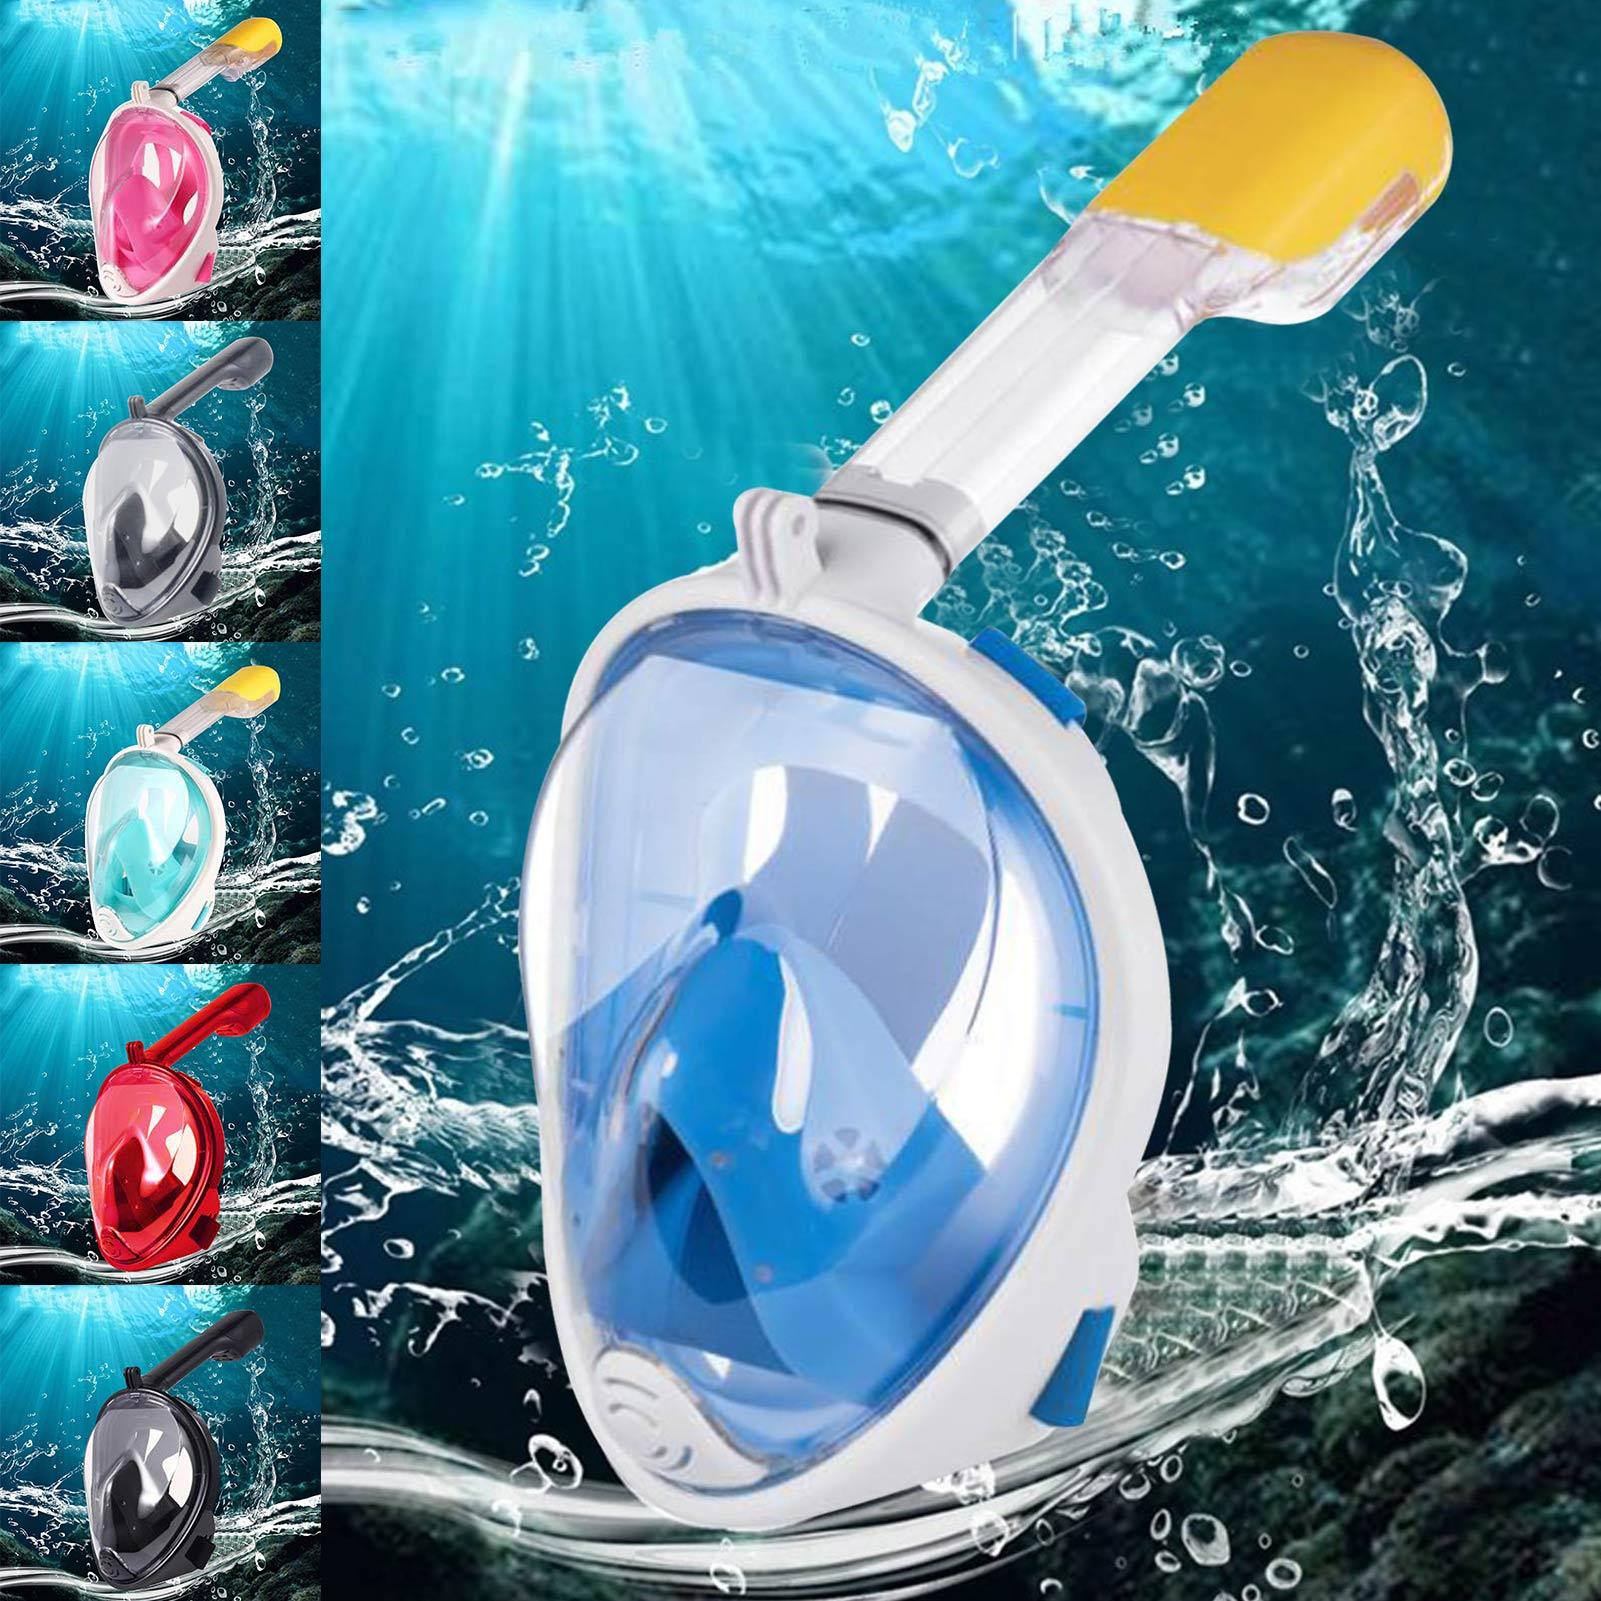 Детская маска для плавания с аквалангом, незапотевающая маска на все лицо для подводной охоты, очки, тренировочная маска, размер XS